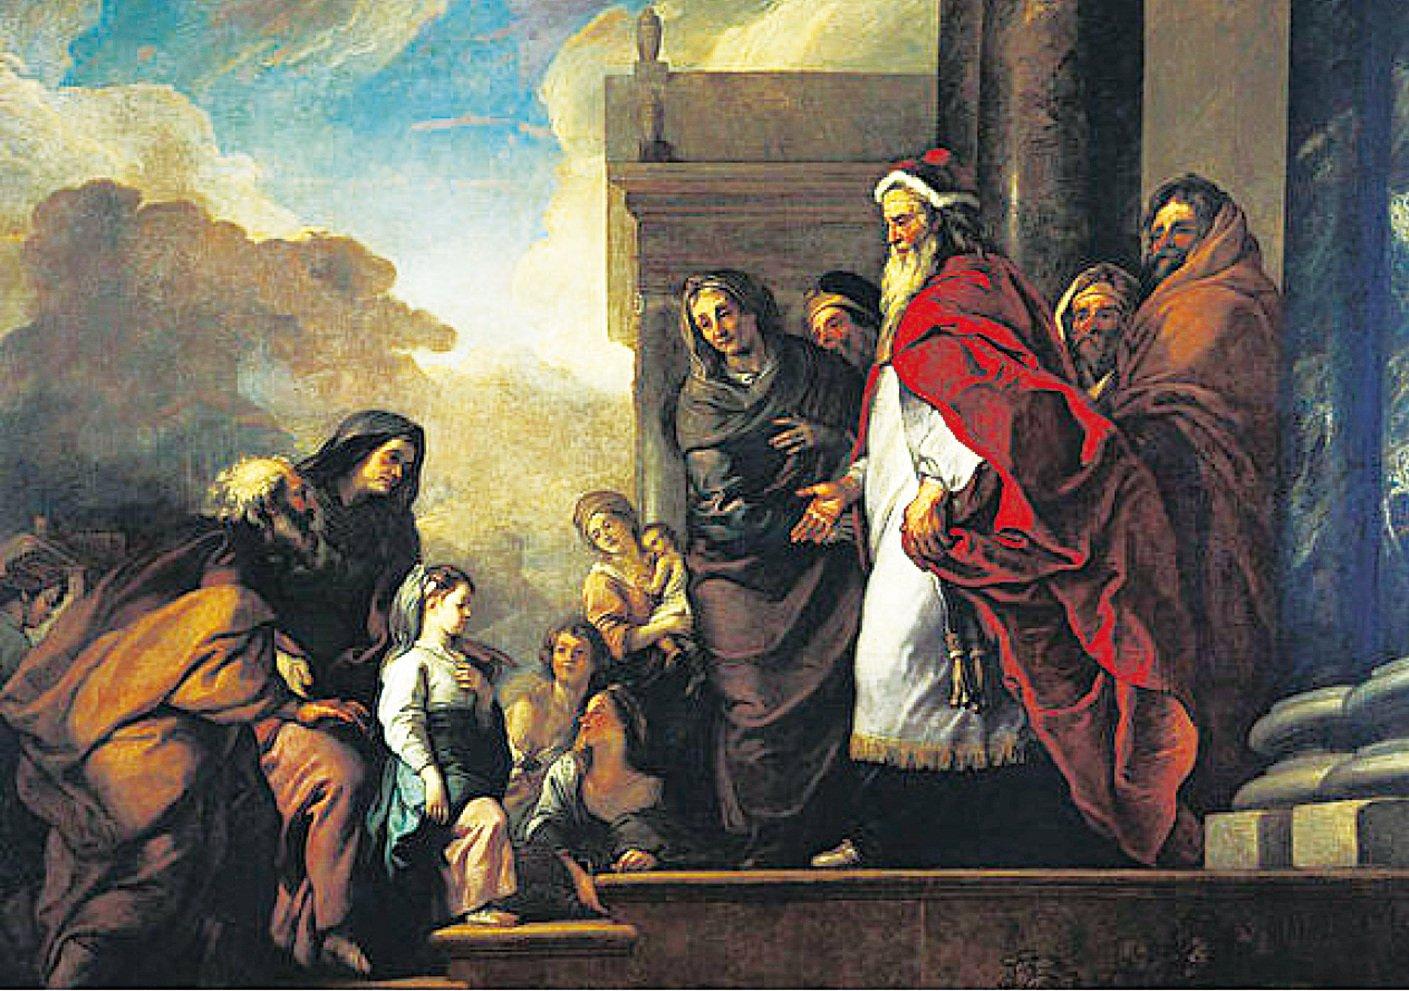 《年幼的聖母去寺院的情景圖》(La Presentation de la Vierge au Temple)是3米乘4米的巨幅畫作,畫中人物景像圍繞著大對角線展開,從左邊開始年幼的瑪麗登上古廟門前的階梯,其父母安妮和約阿希姆緊隨其後,大祭司在門柱前相迎。在這幅畫中,福斯的靈感來自於威尼斯博物館裏提香同主題的畫作。